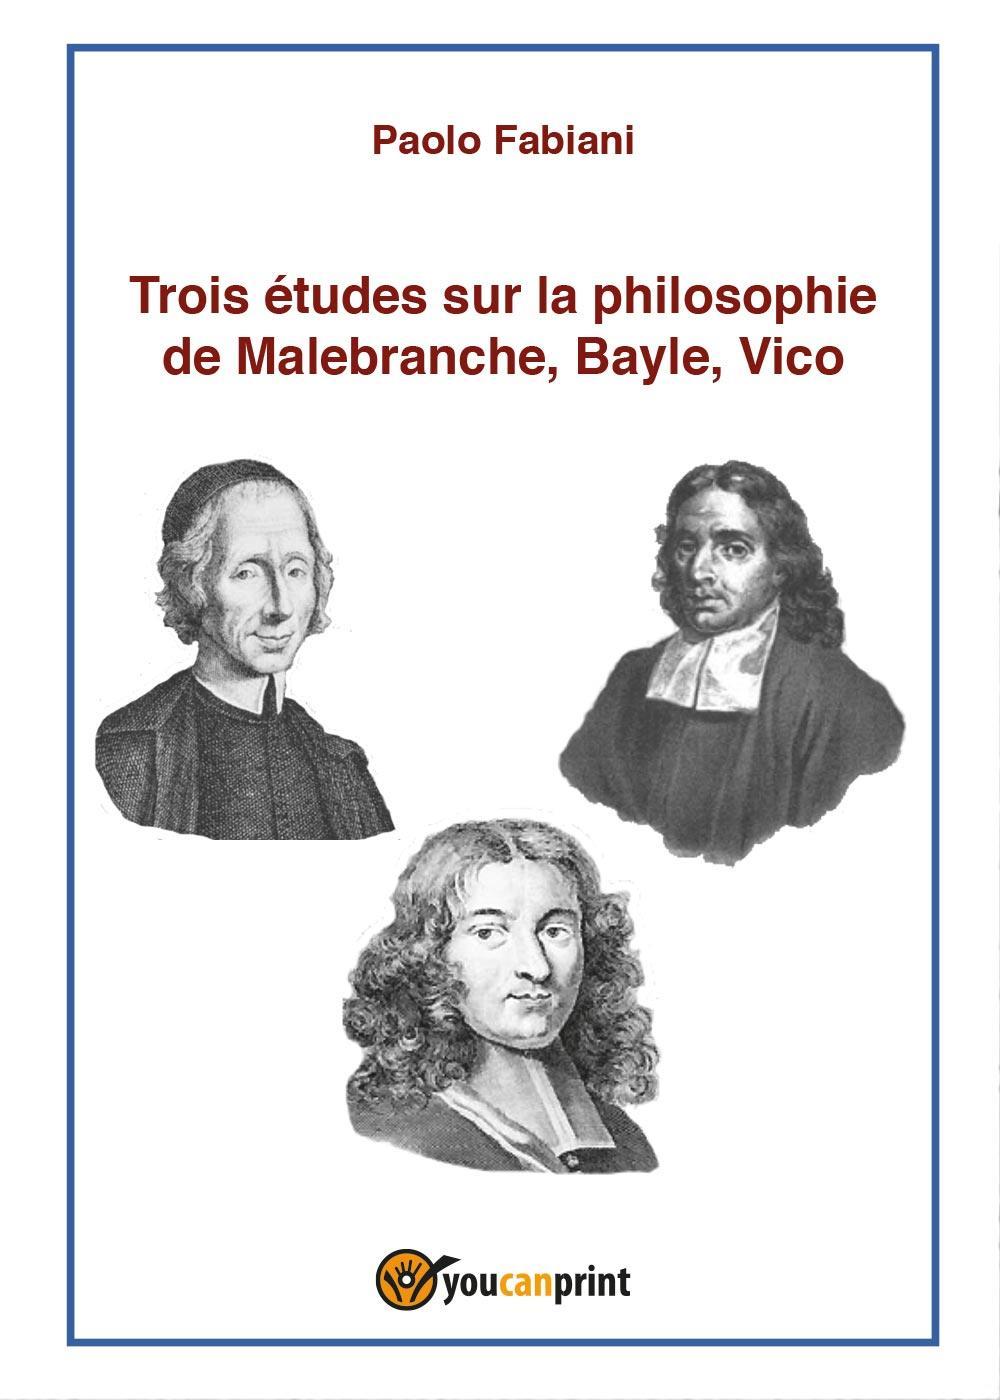 Trois études sur la philosophie de Malebranche, Bayle, Vico